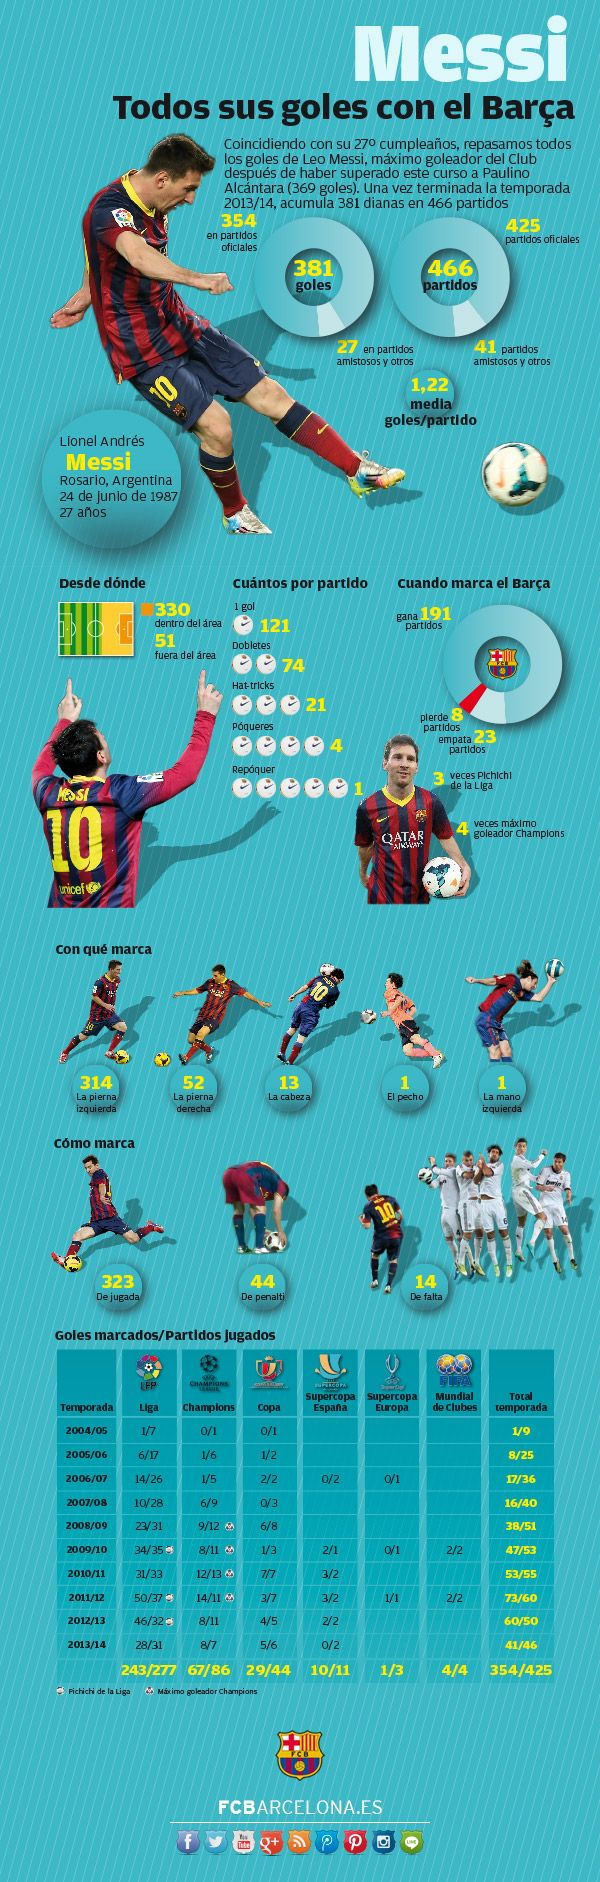 ¿Cómo no festejar el cumpleaños de Messi?